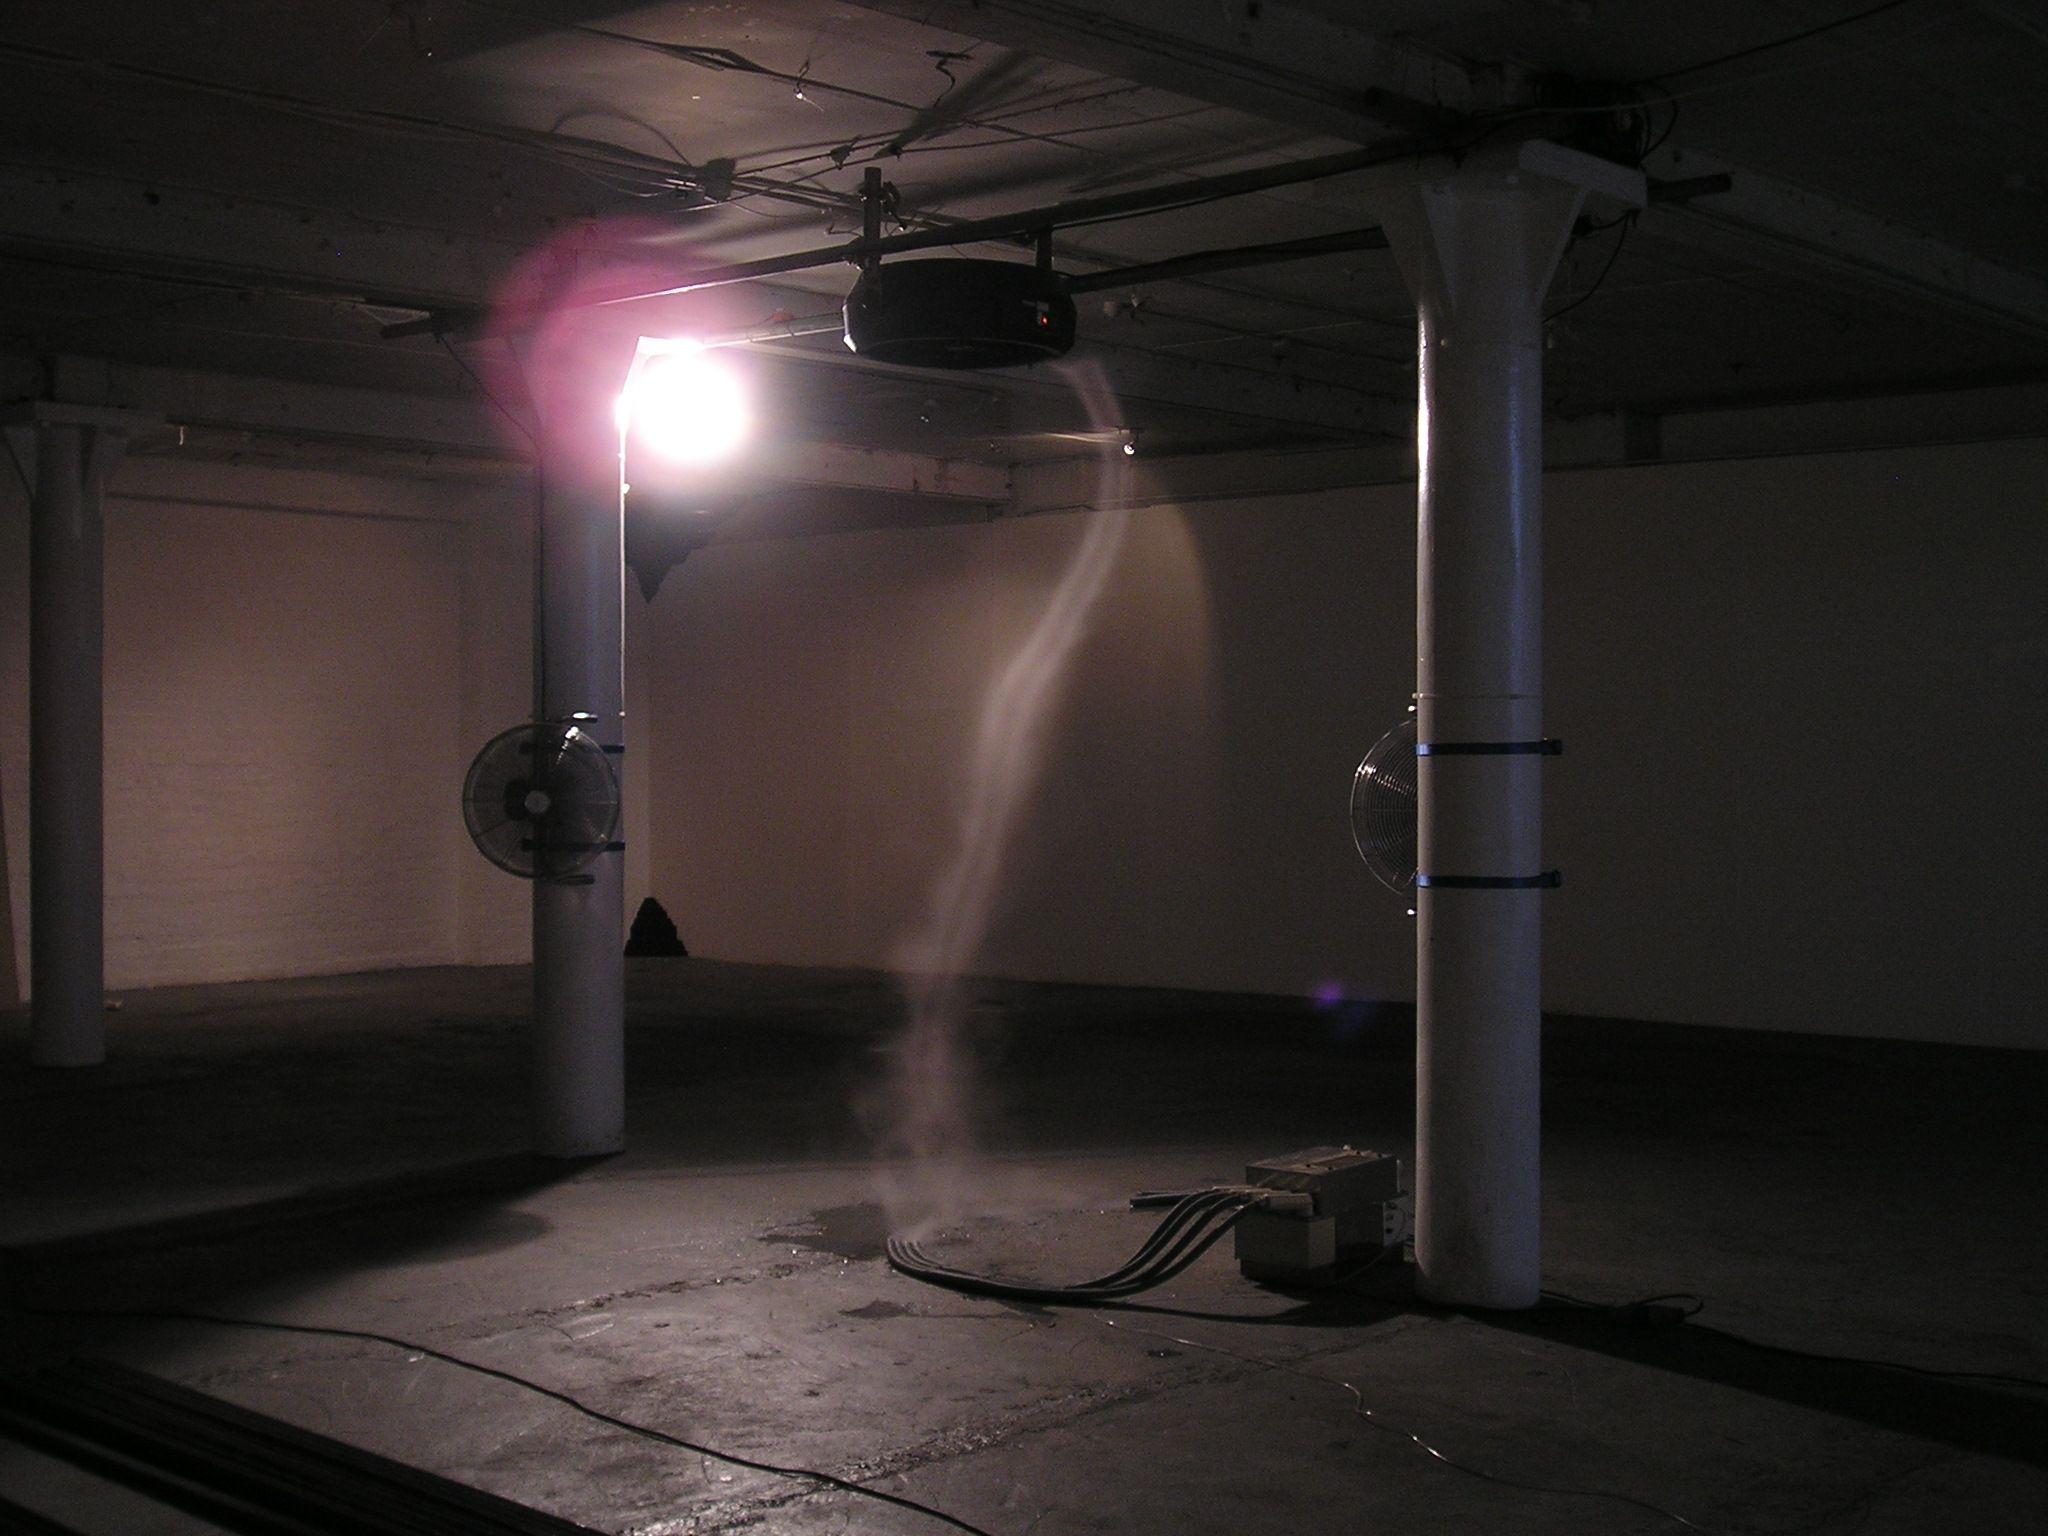 Intallation at Schwartz Gallery, UK